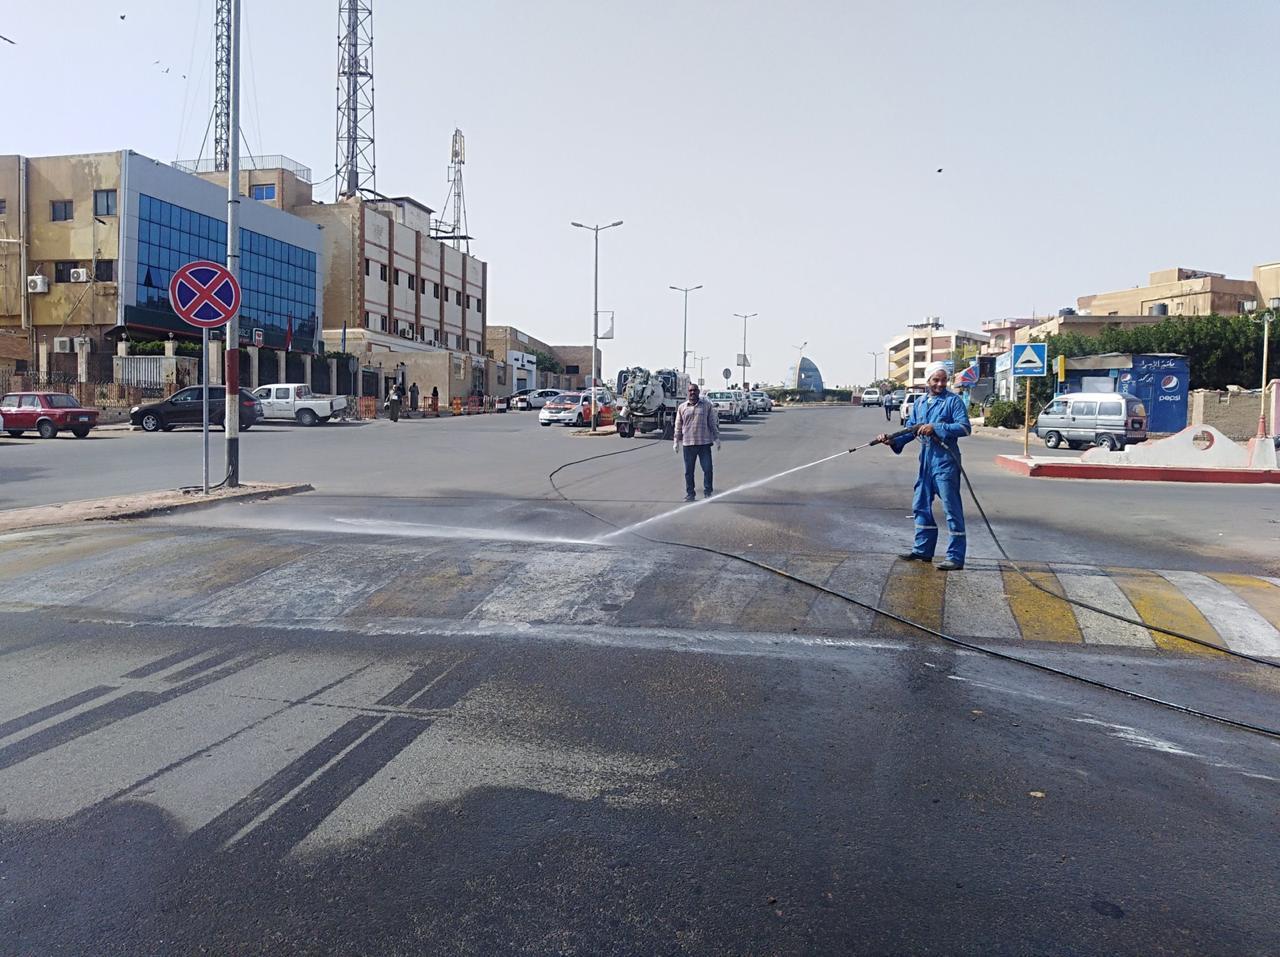 تعقيم شوارع مدينة رأس غارب بالبحر الأحمر للوقاية من كورونا (1)